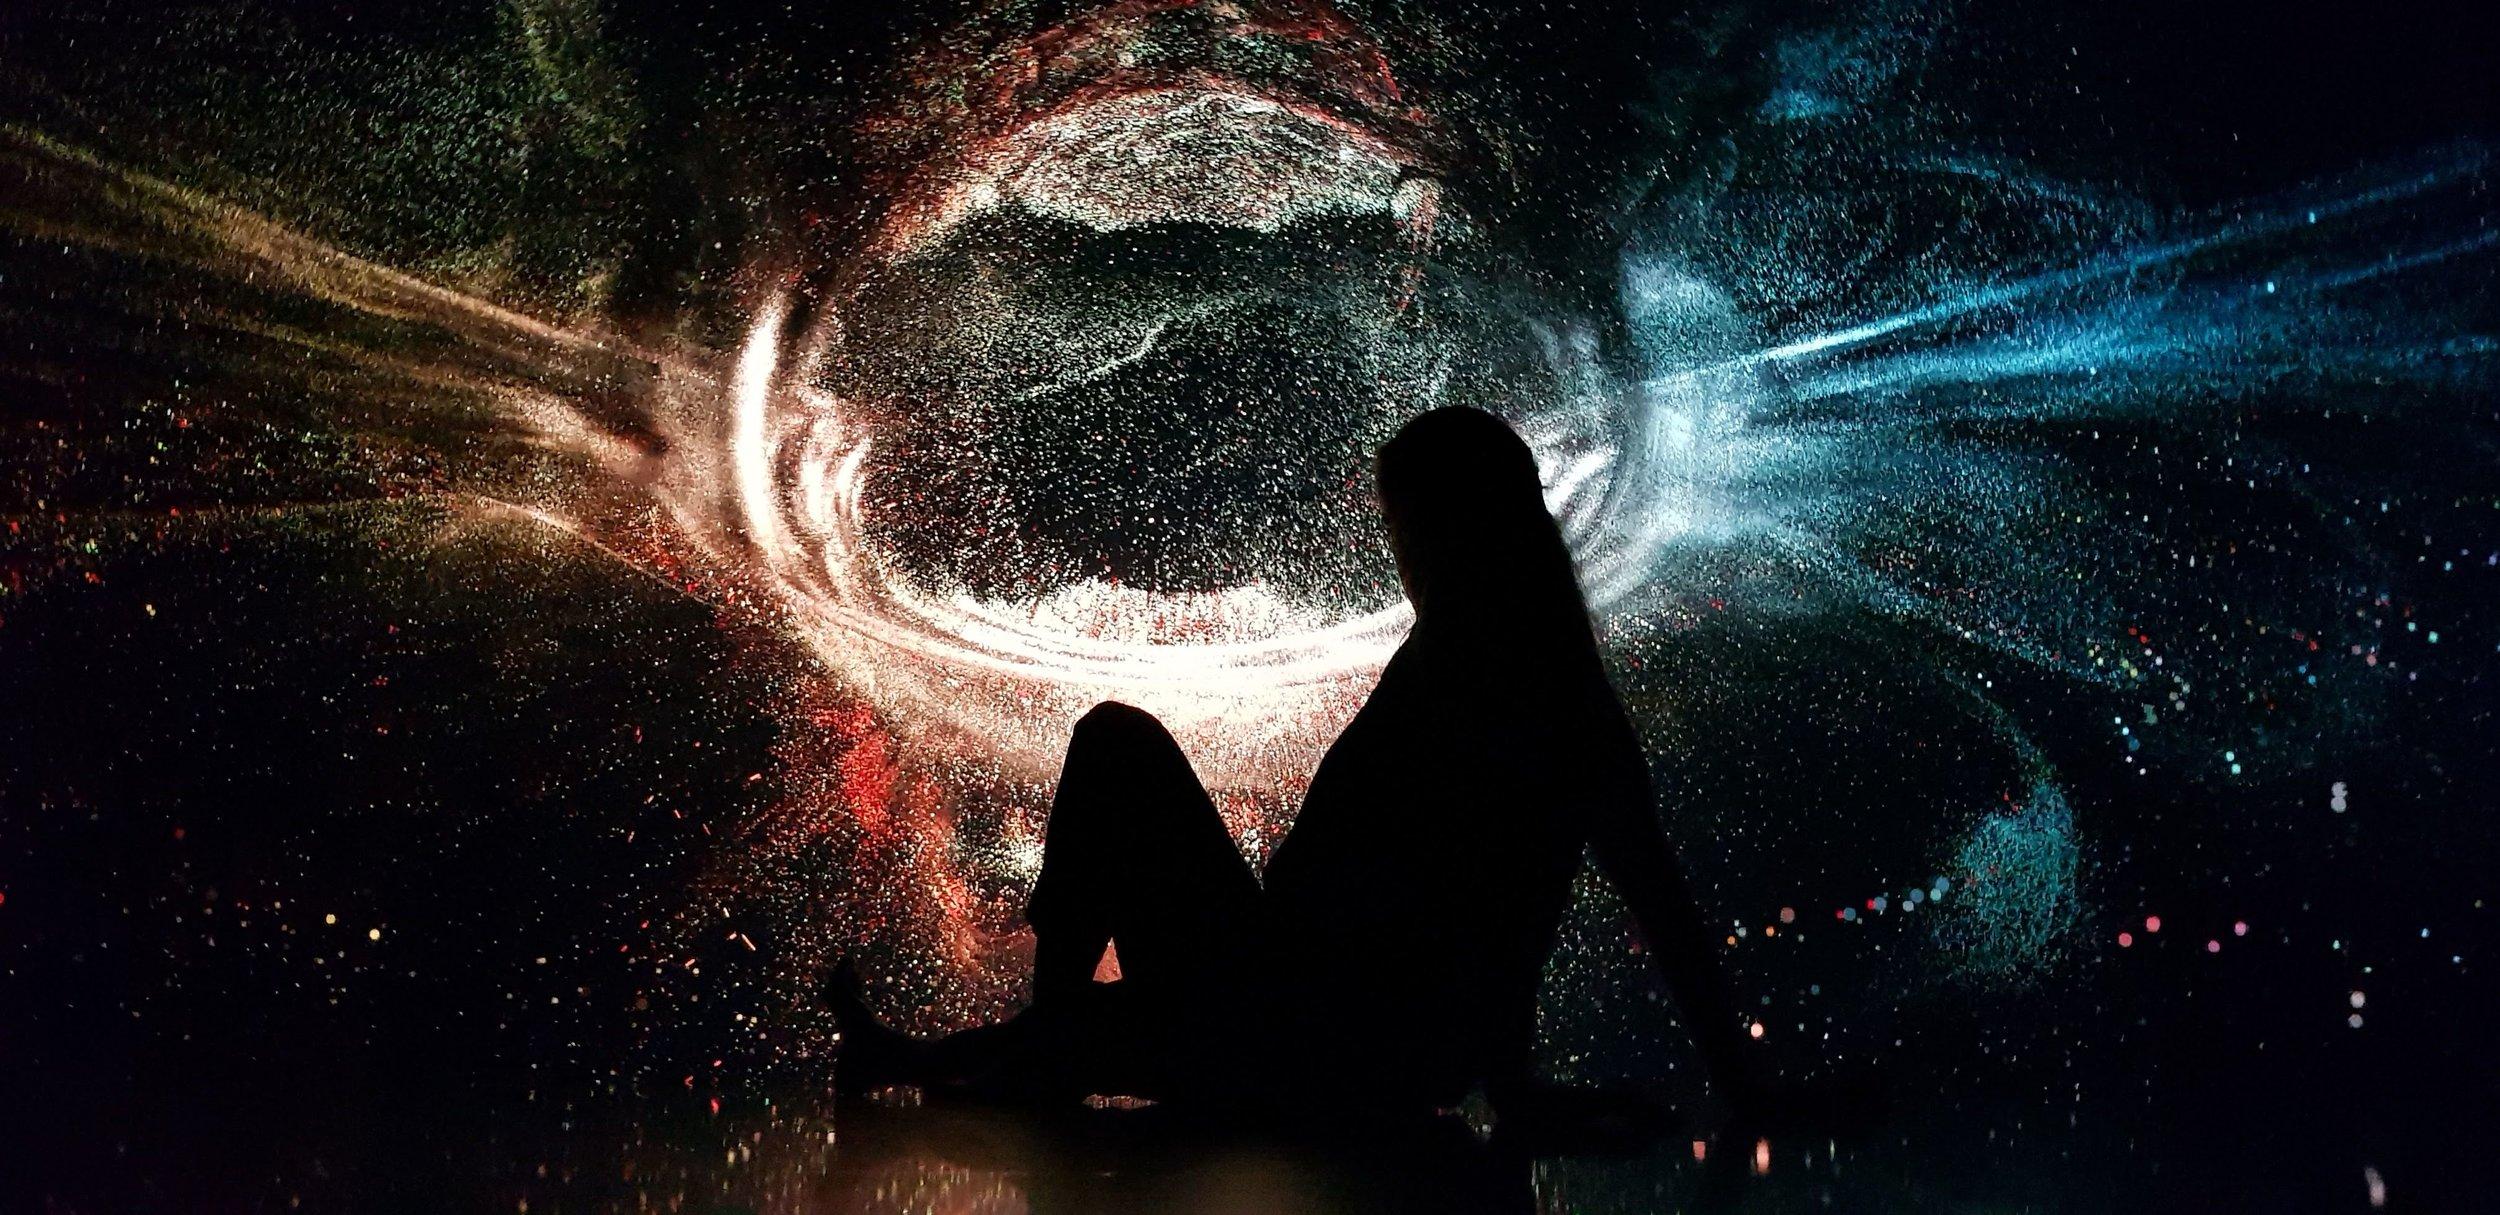 distortions_in_spacetime.jpg